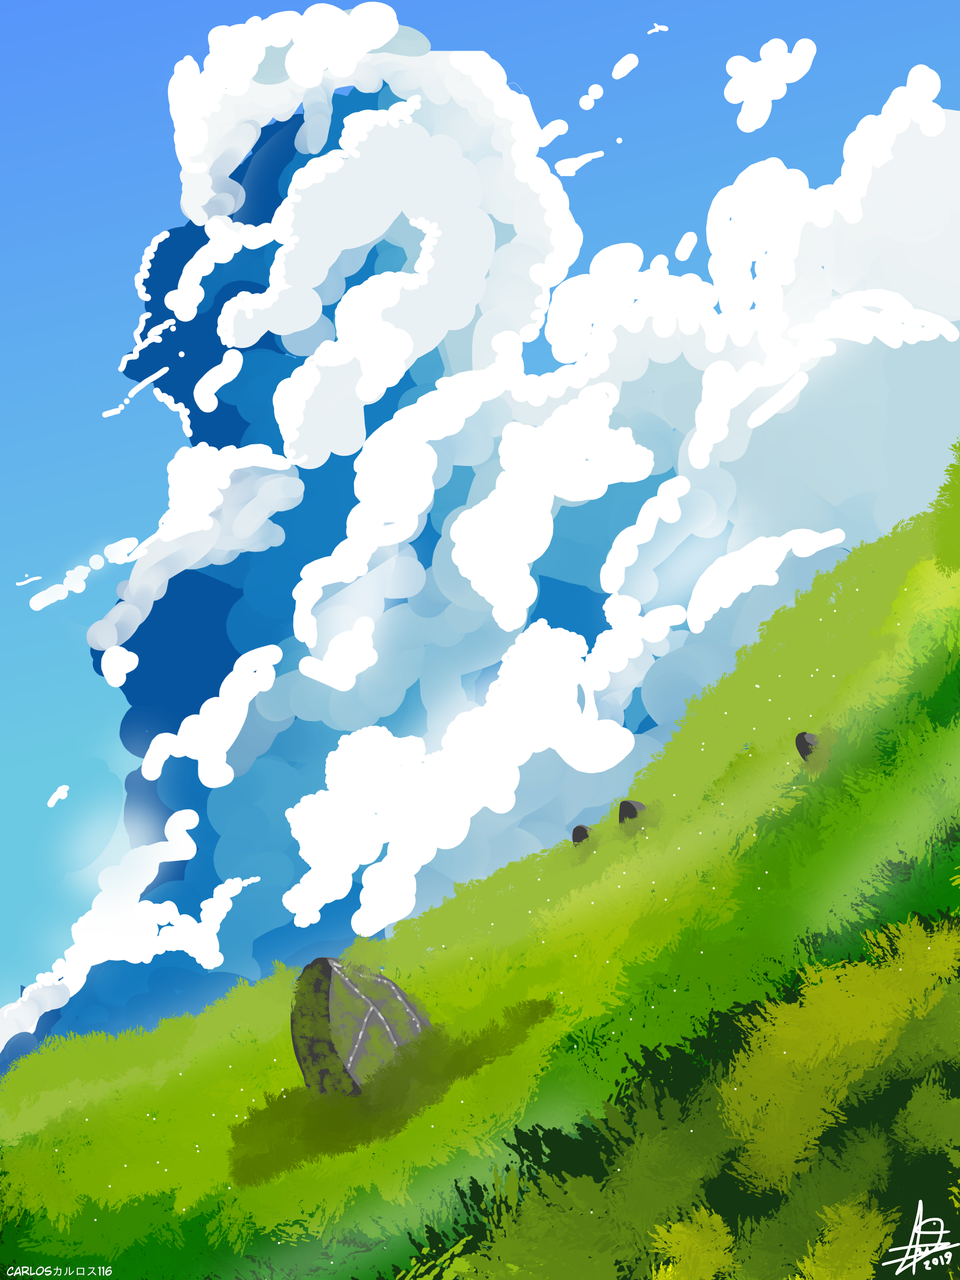 landscape # 6